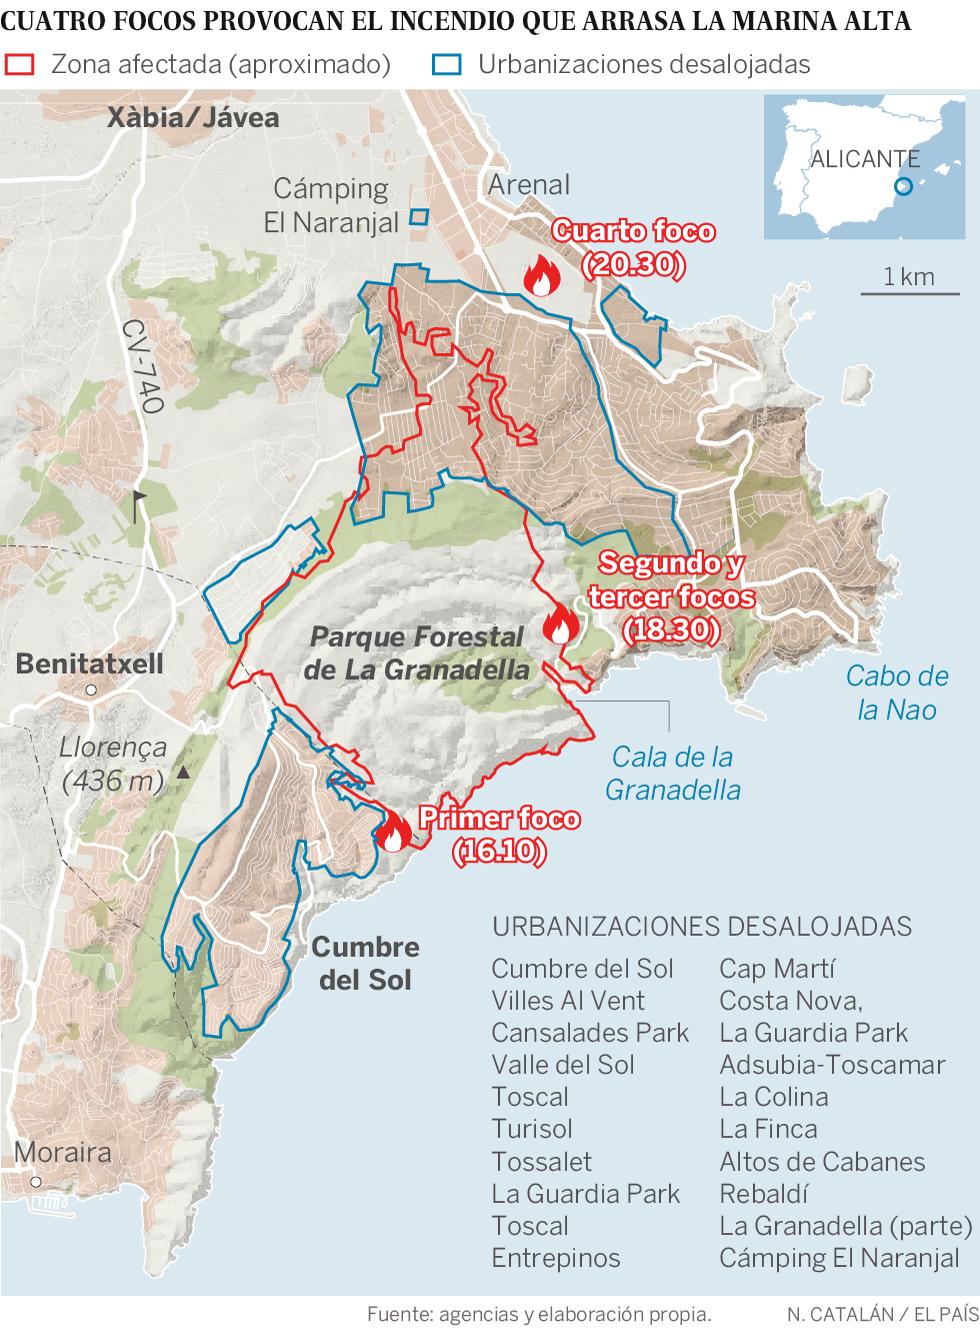 Mapa del incendio en Benitatxell y Xàbia